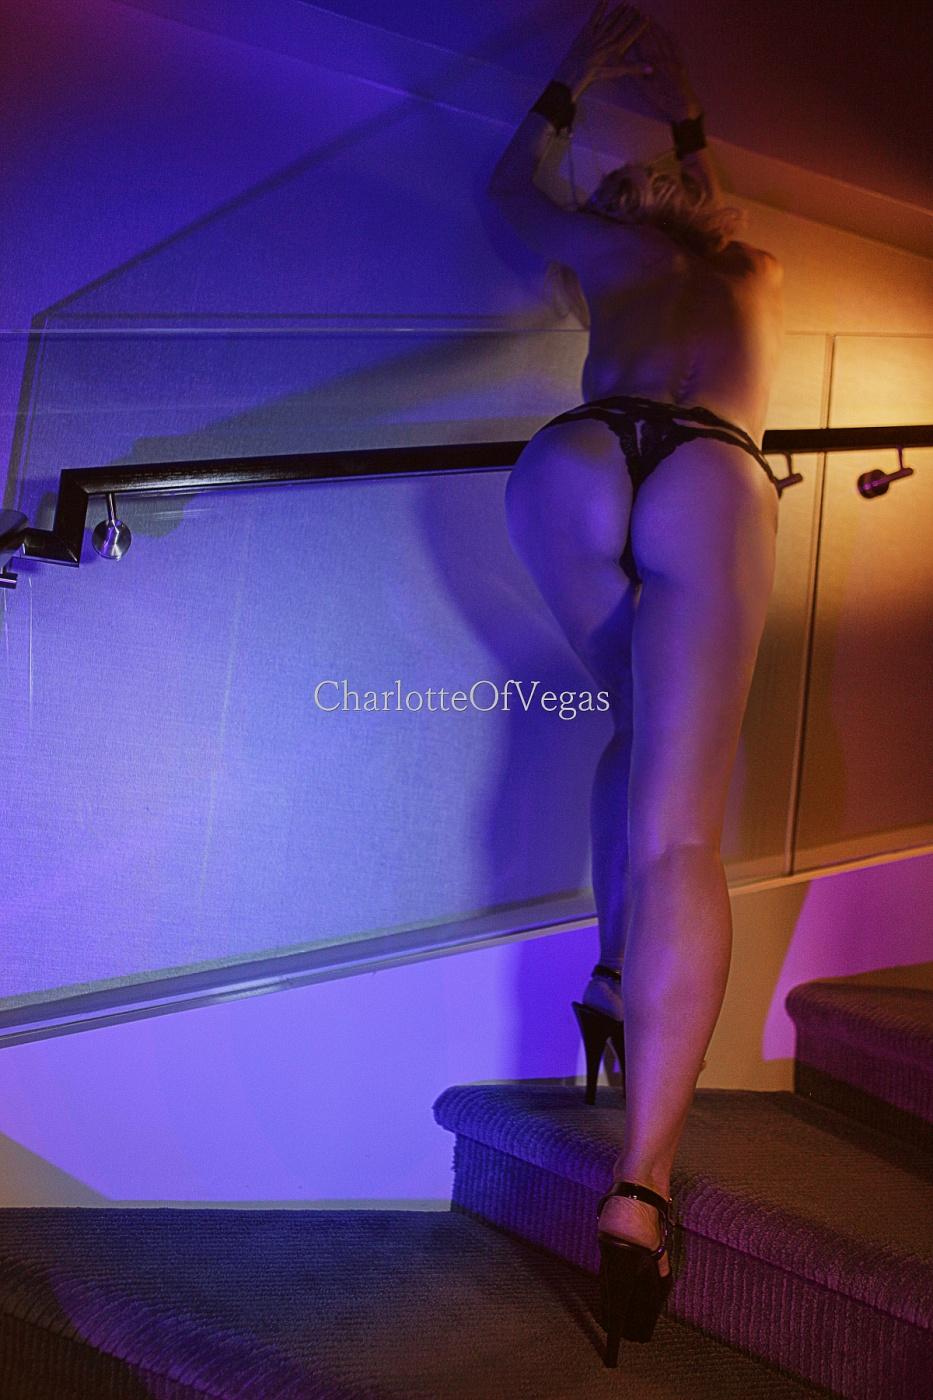 Charlotte of Vegas